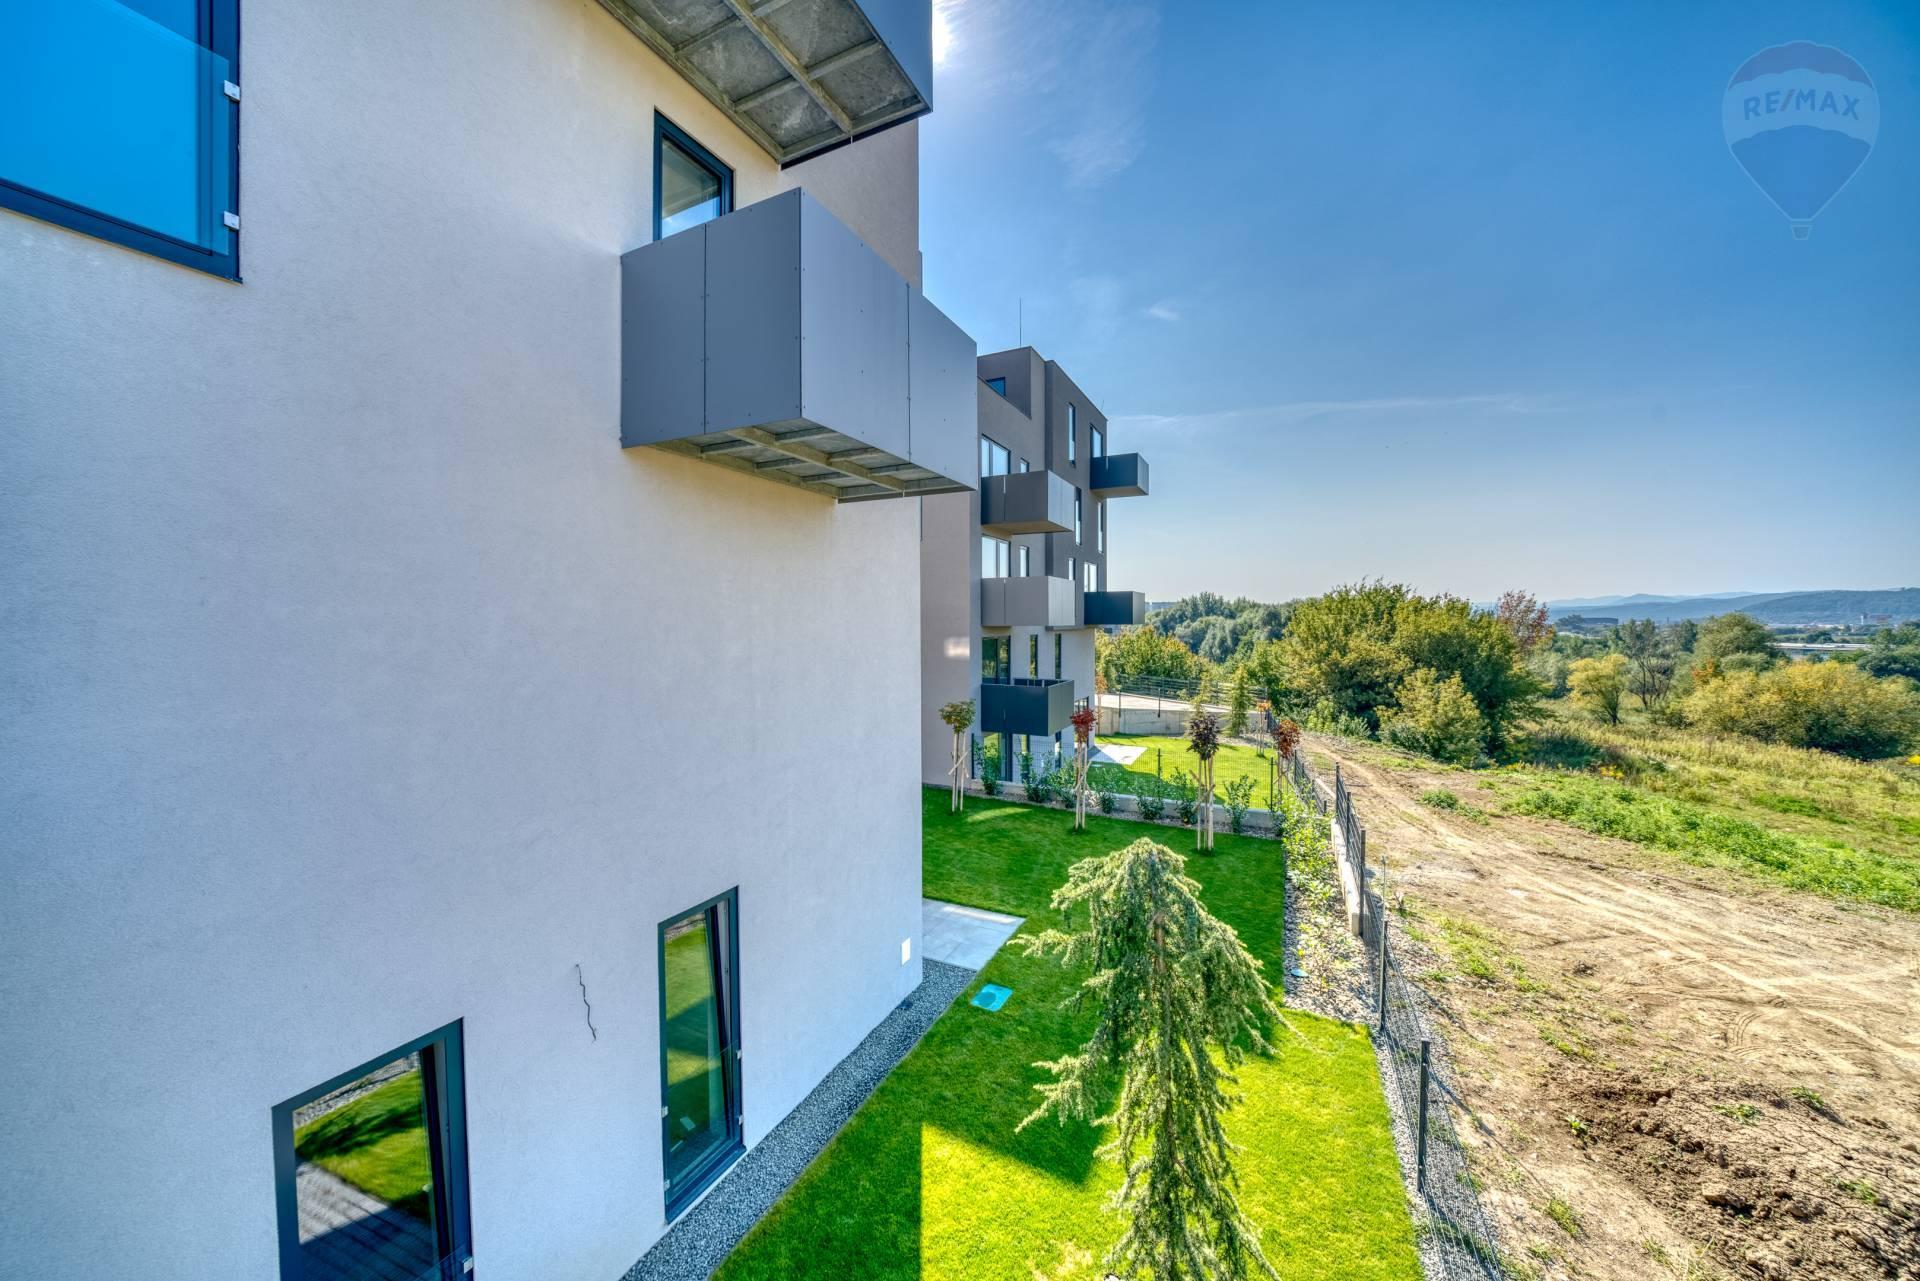 Predaj bytu (5 izbový a väčší) 165 m2, Prešov - BYT VD-A-16, projekt Viladomy Ľubotice